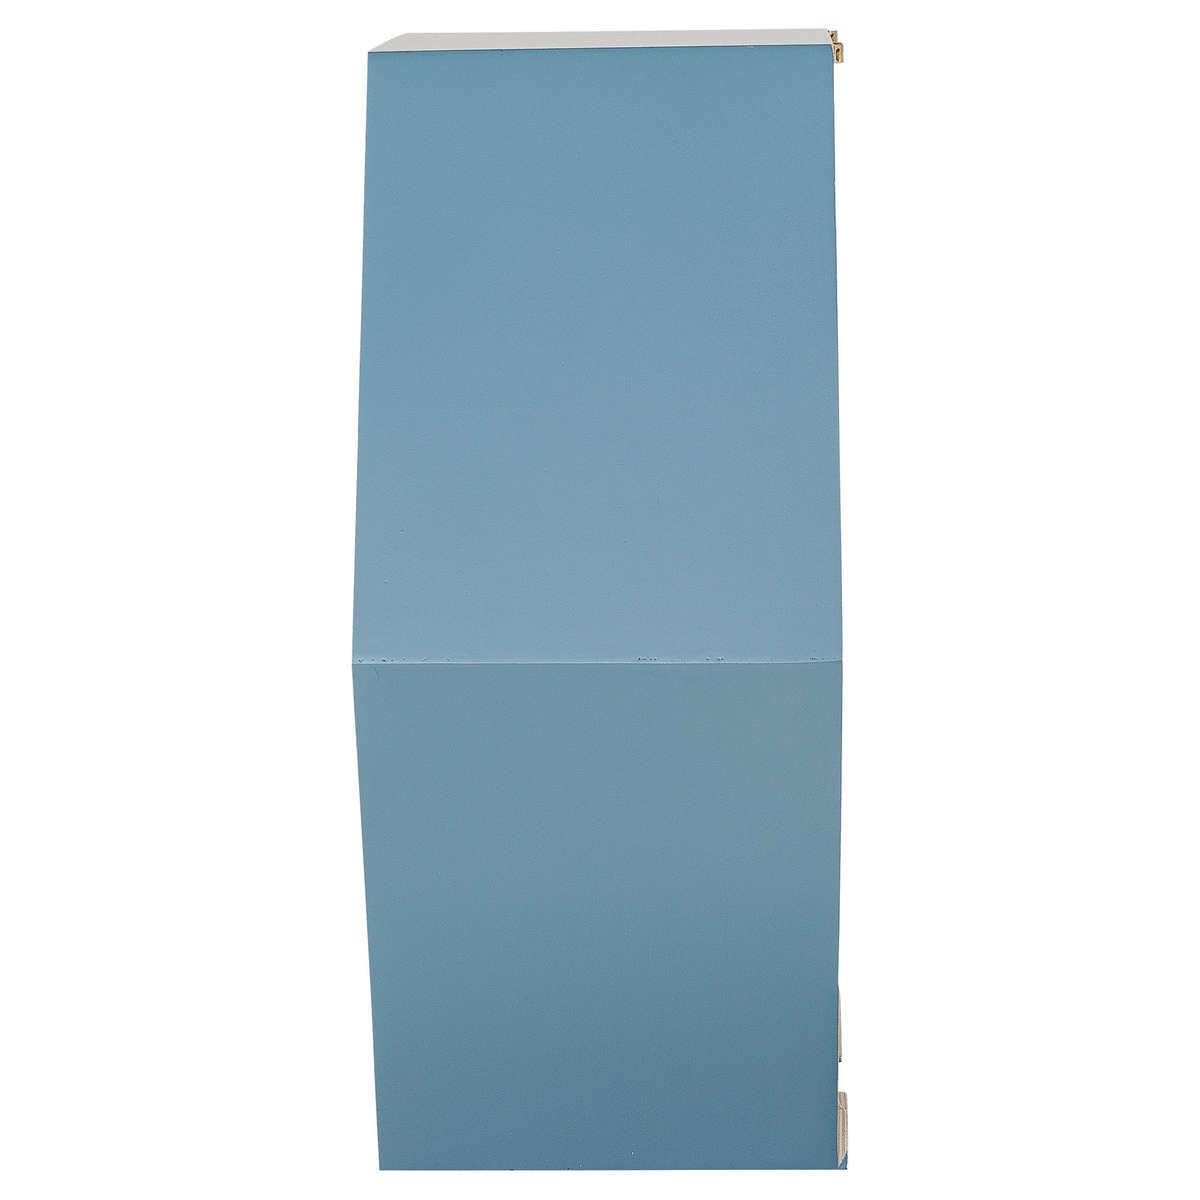 bloomingville etag re hexagonale bois bleu tag re bloomingville sur l 39 armoire de b b. Black Bedroom Furniture Sets. Home Design Ideas